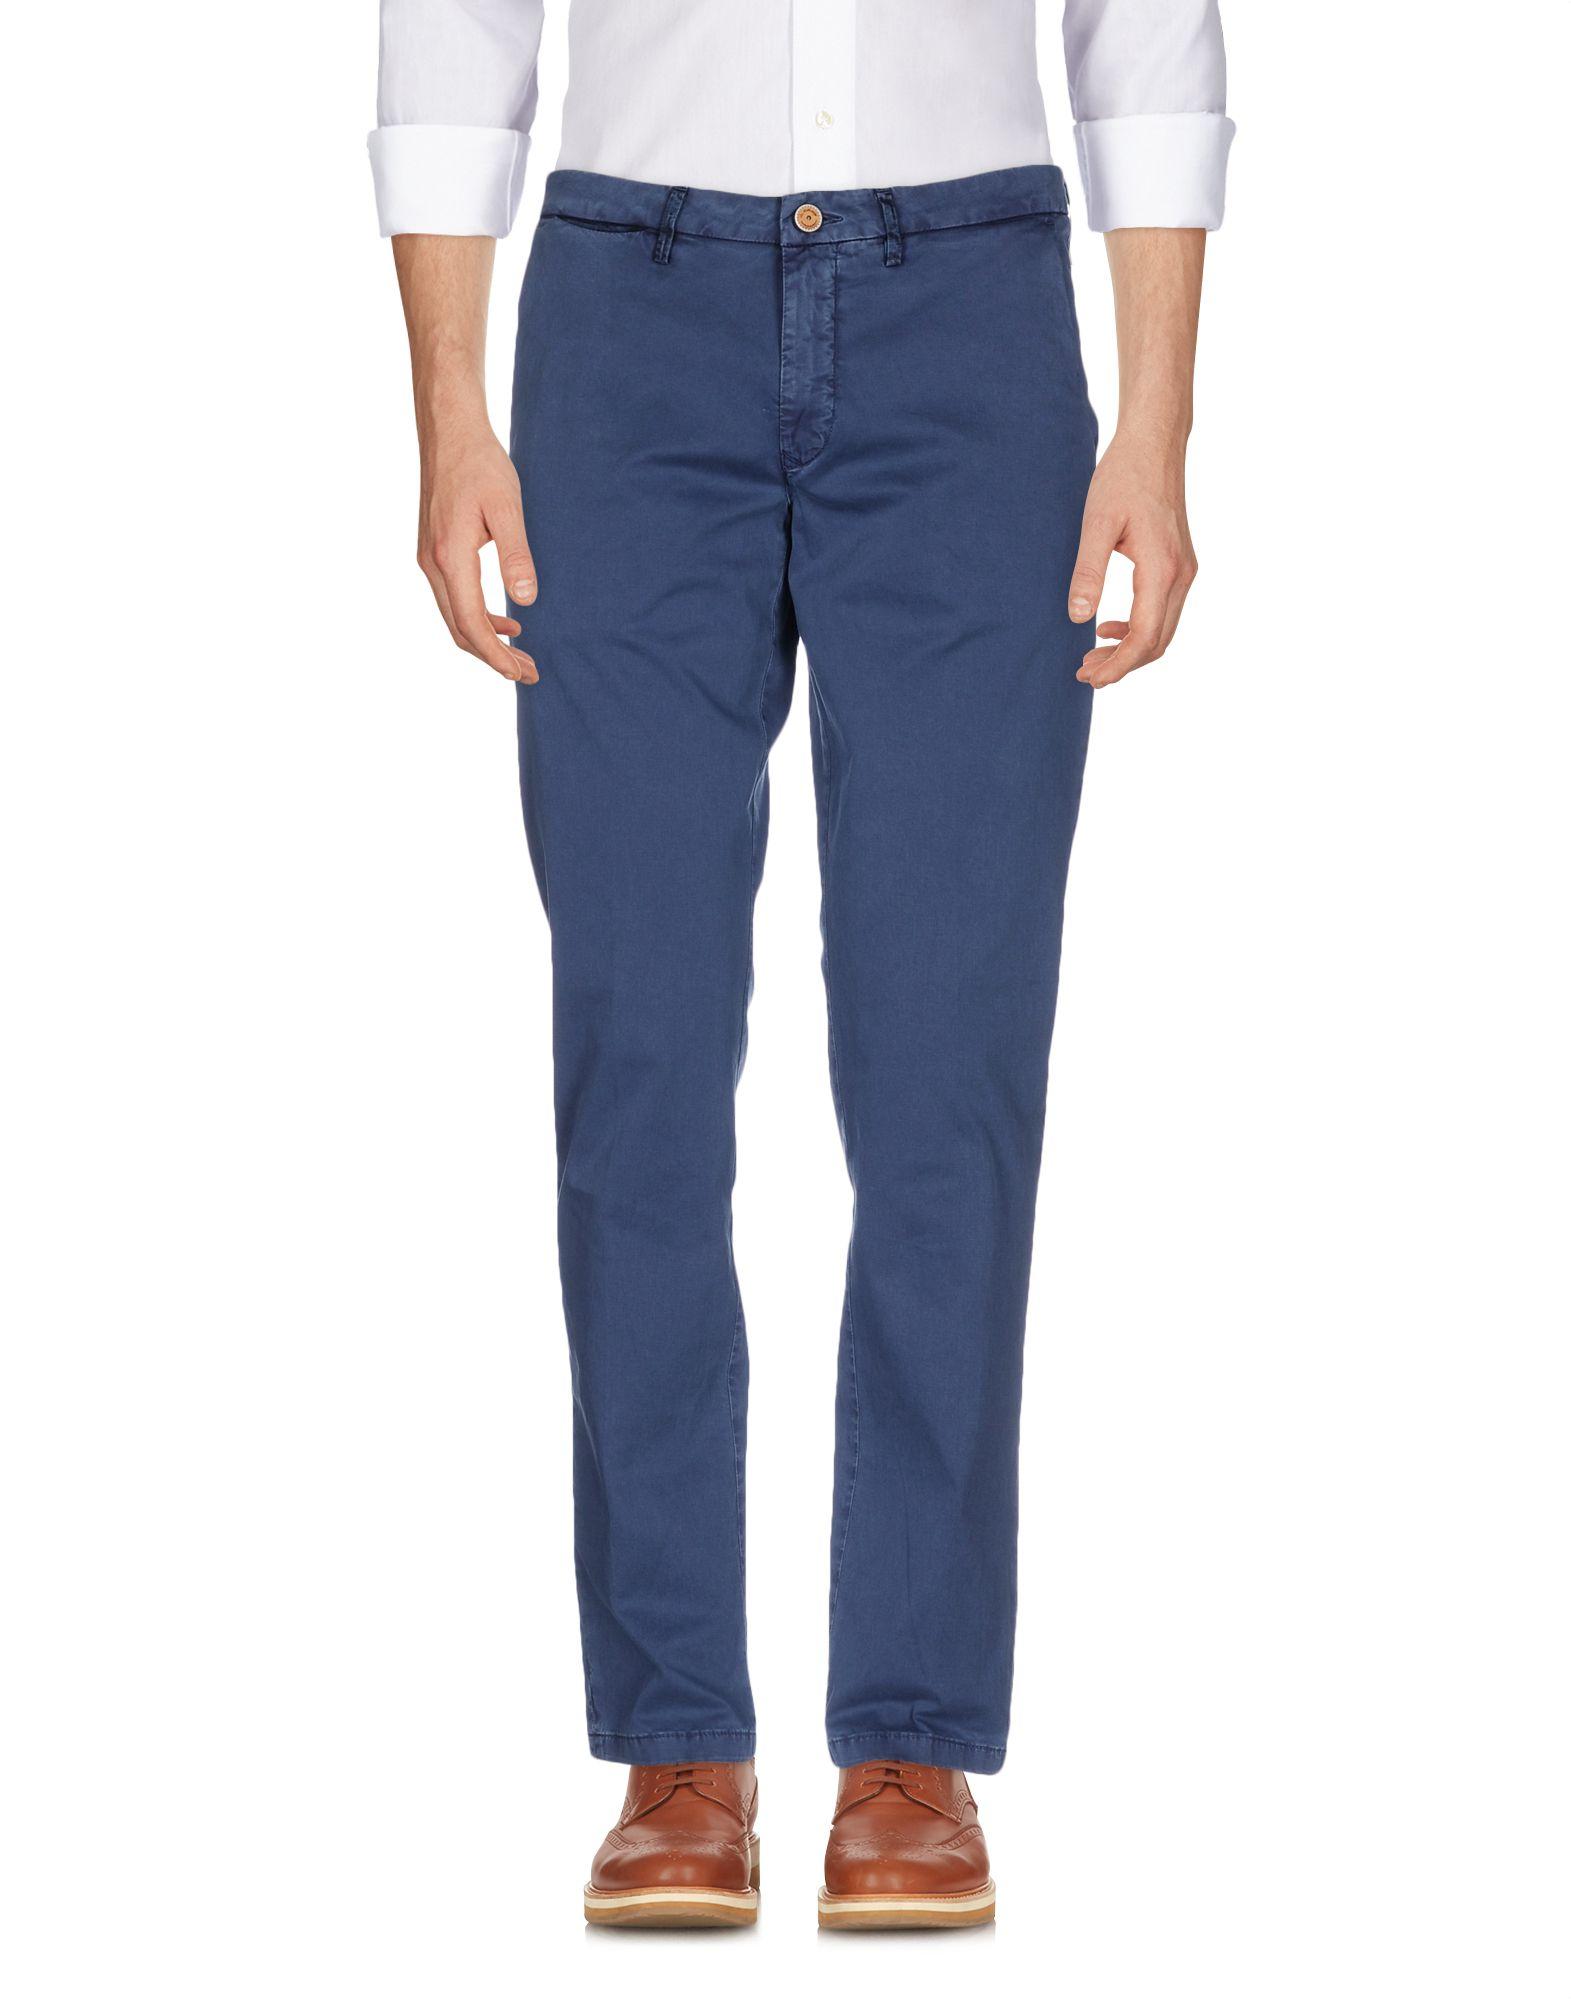 IL DROP Herren Hose Farbe Blau Größe 6 jetztbilligerkaufen